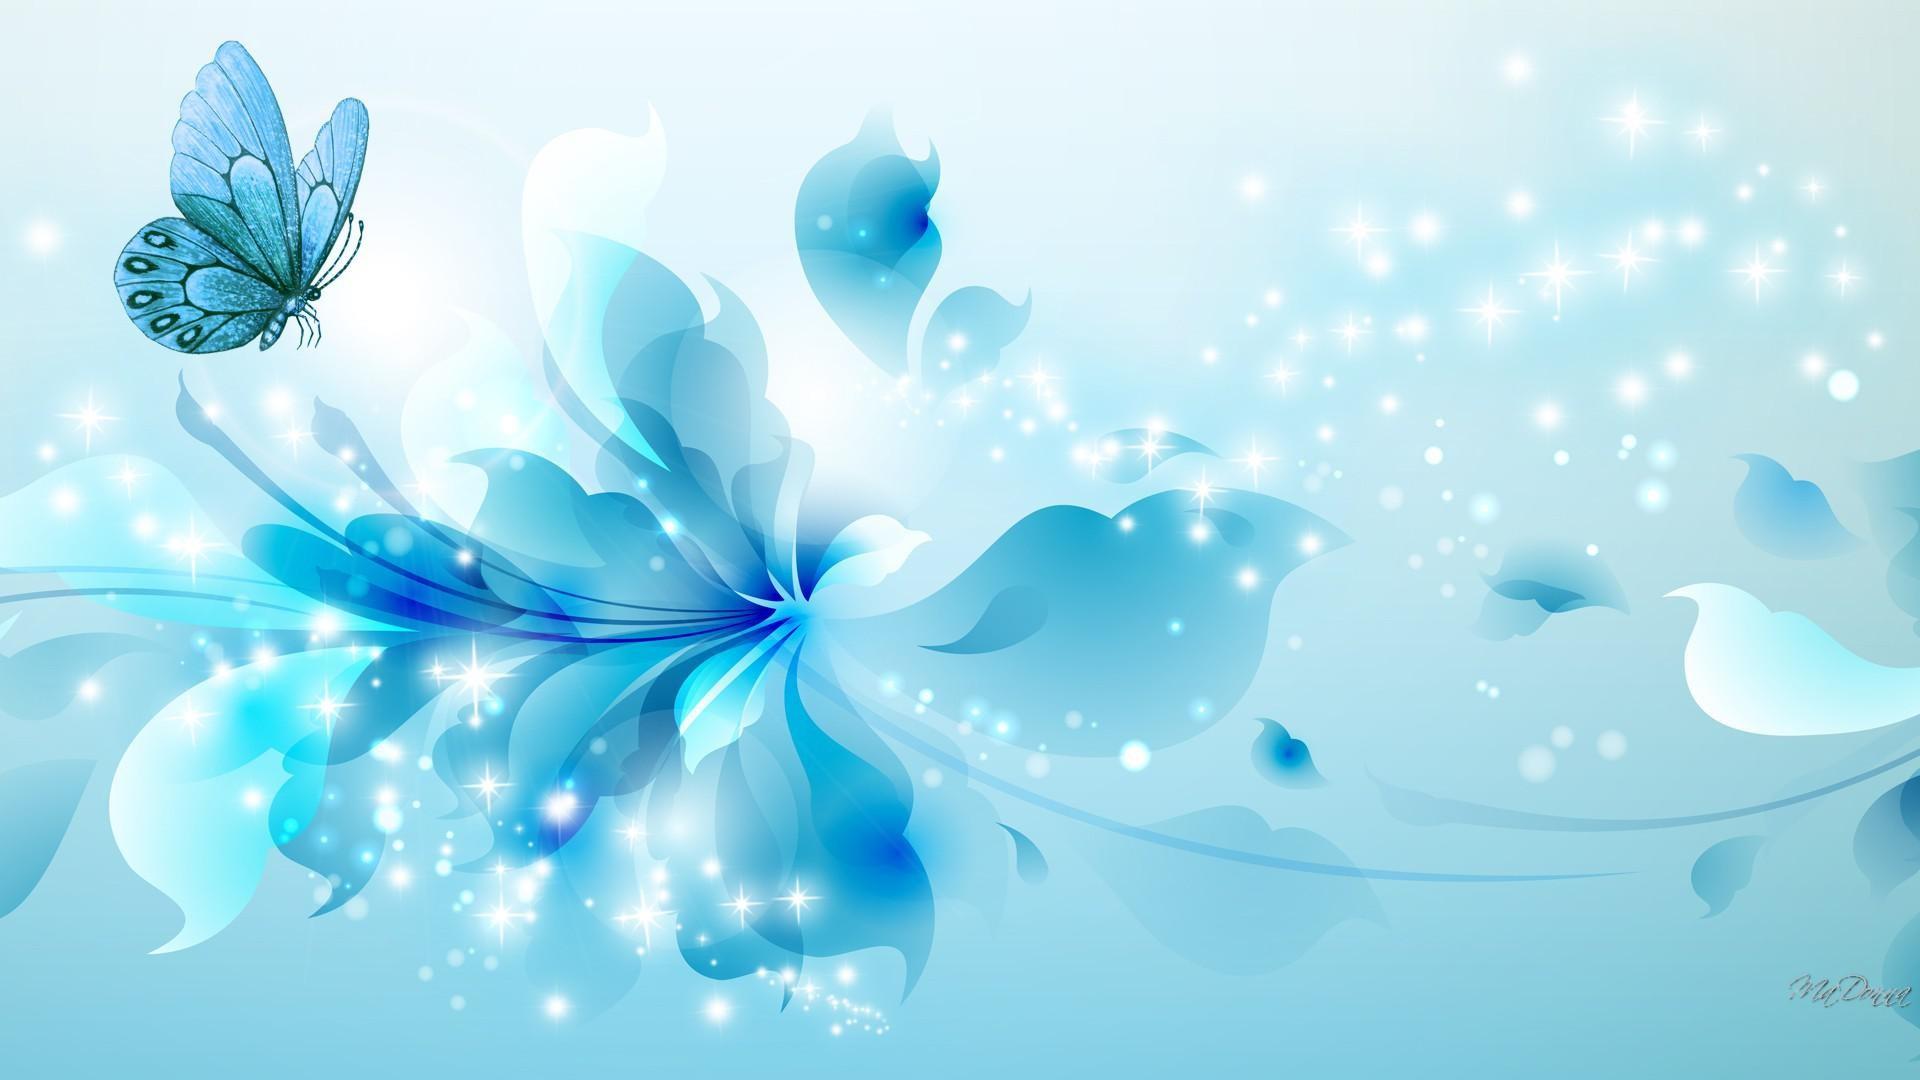 1920x1080 HD Aqua Blue Wallpaper Download 1920A 1080